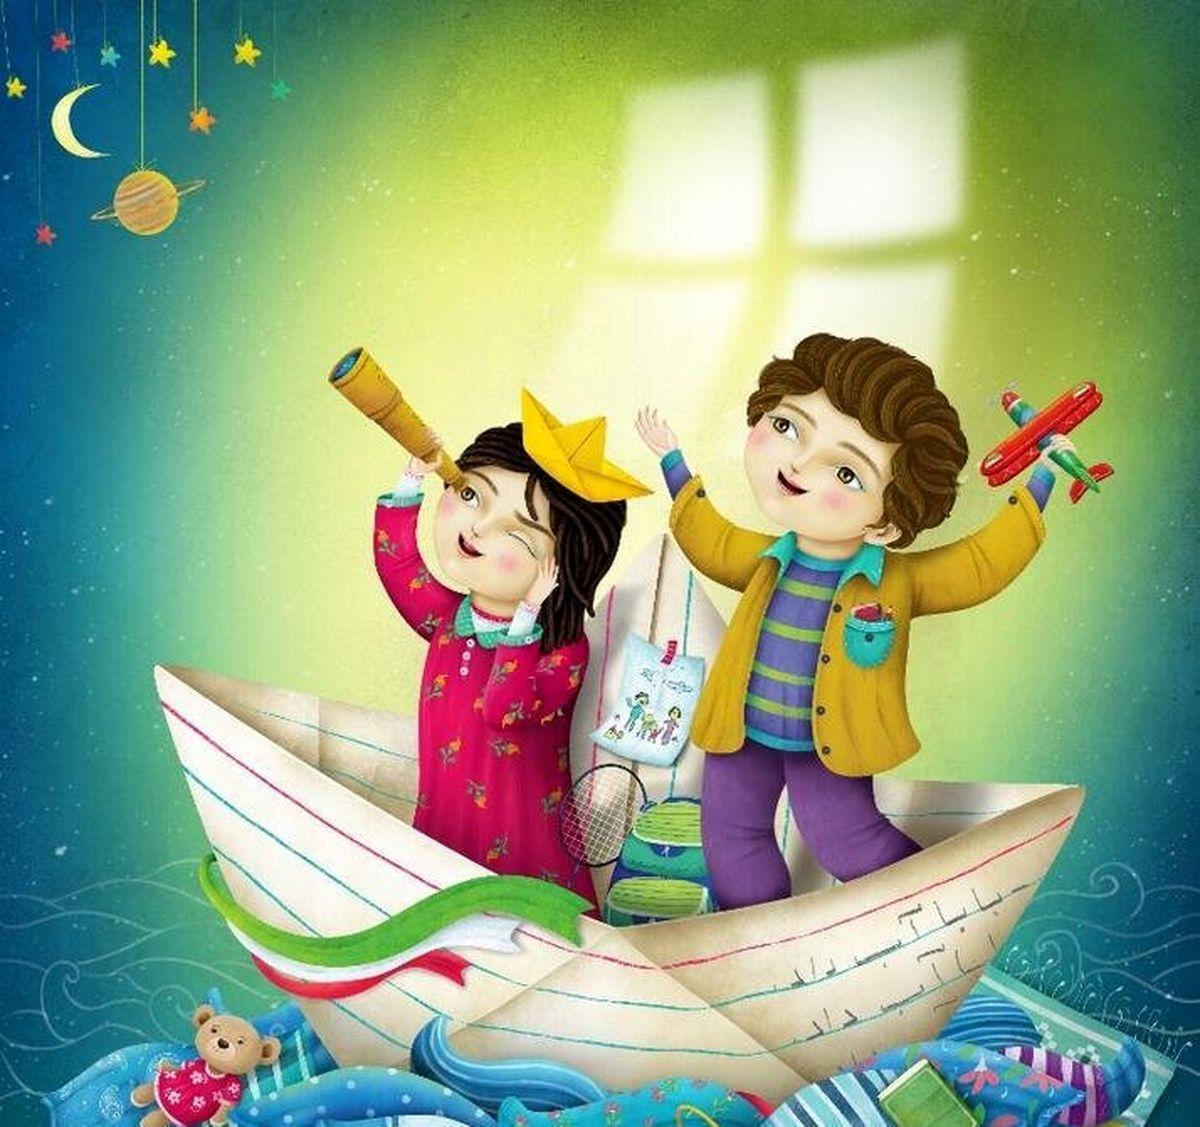 رنگ خوش زندگی در هفته ملی کودک